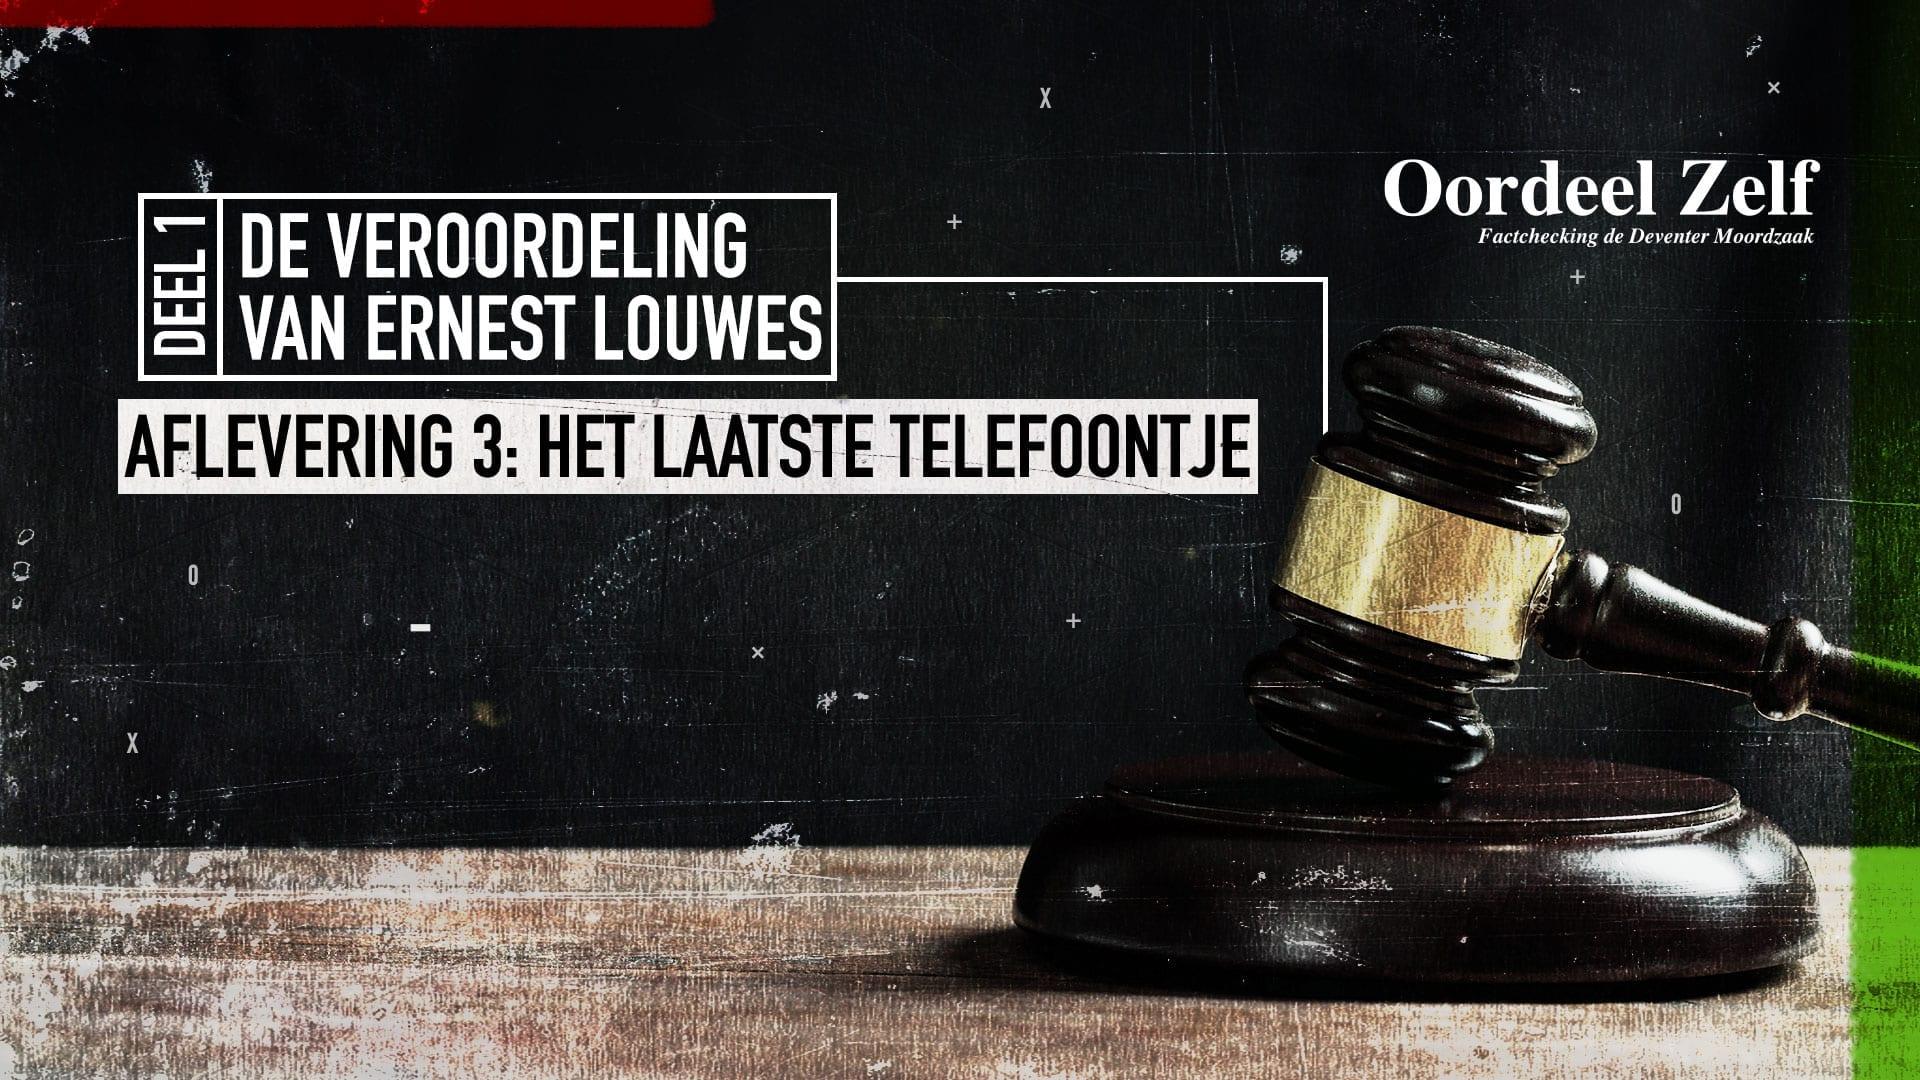 Aflevering 3 - Het laatste telefoontje